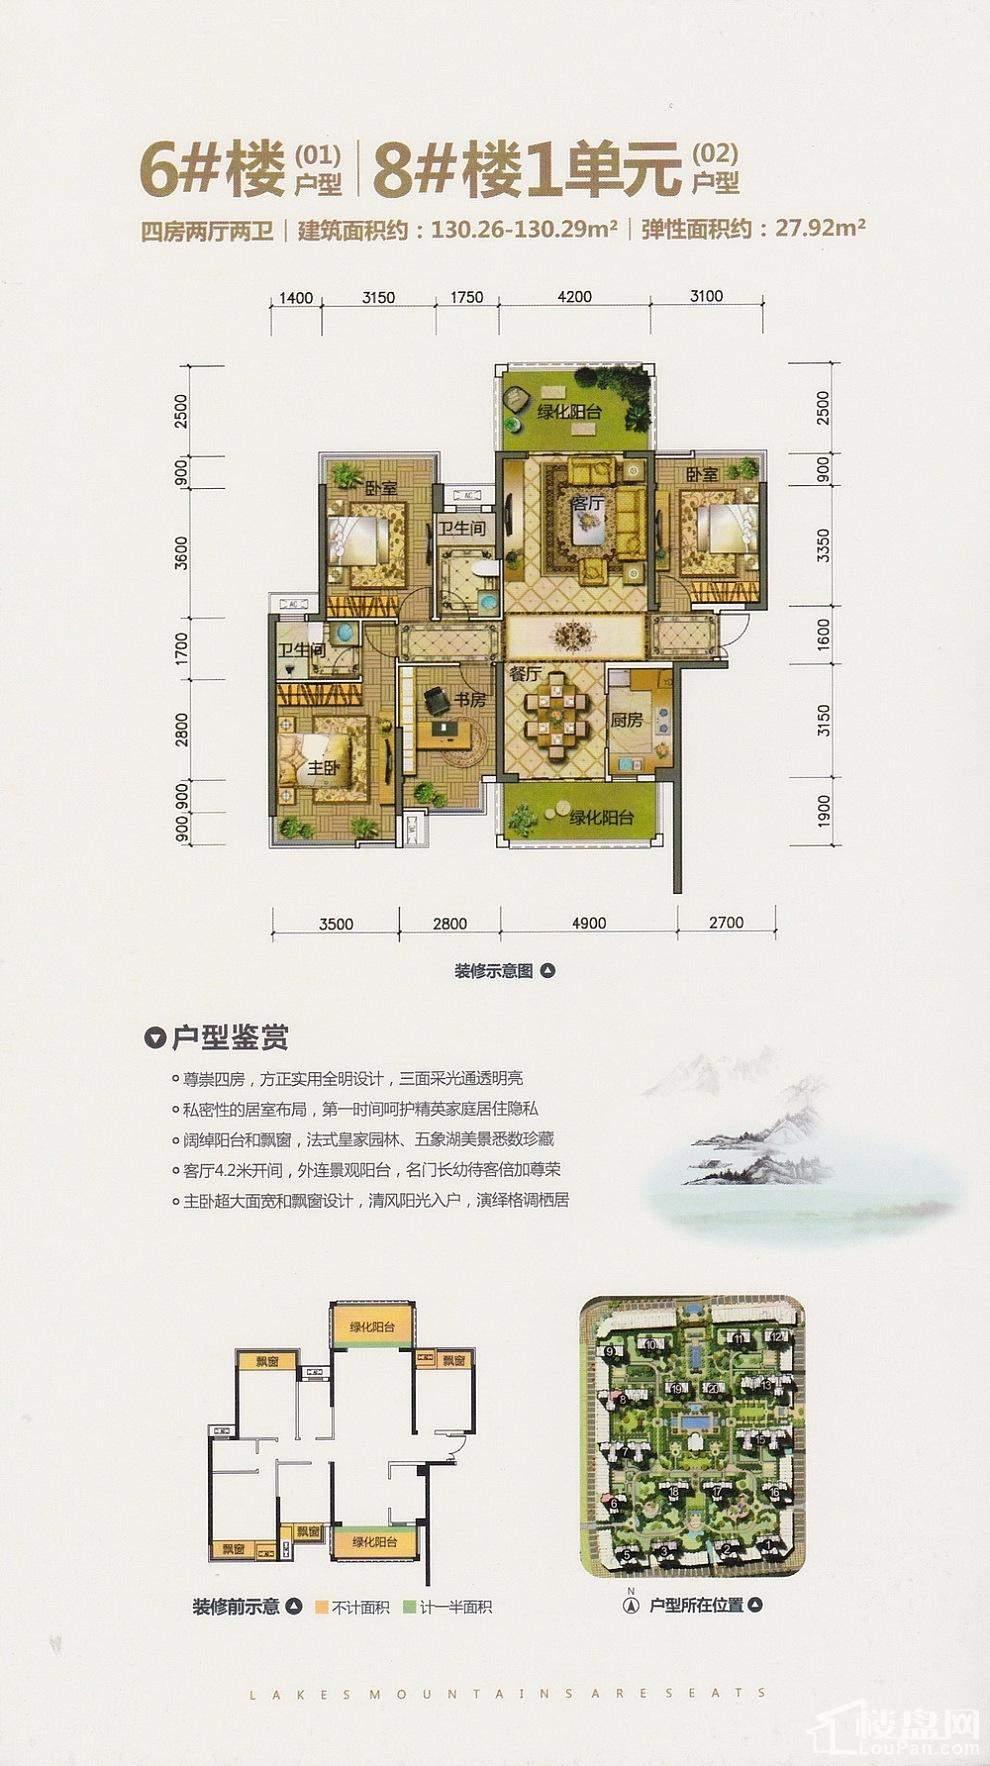 龙光玖珑湖 6号楼01,8号楼1单元02户型